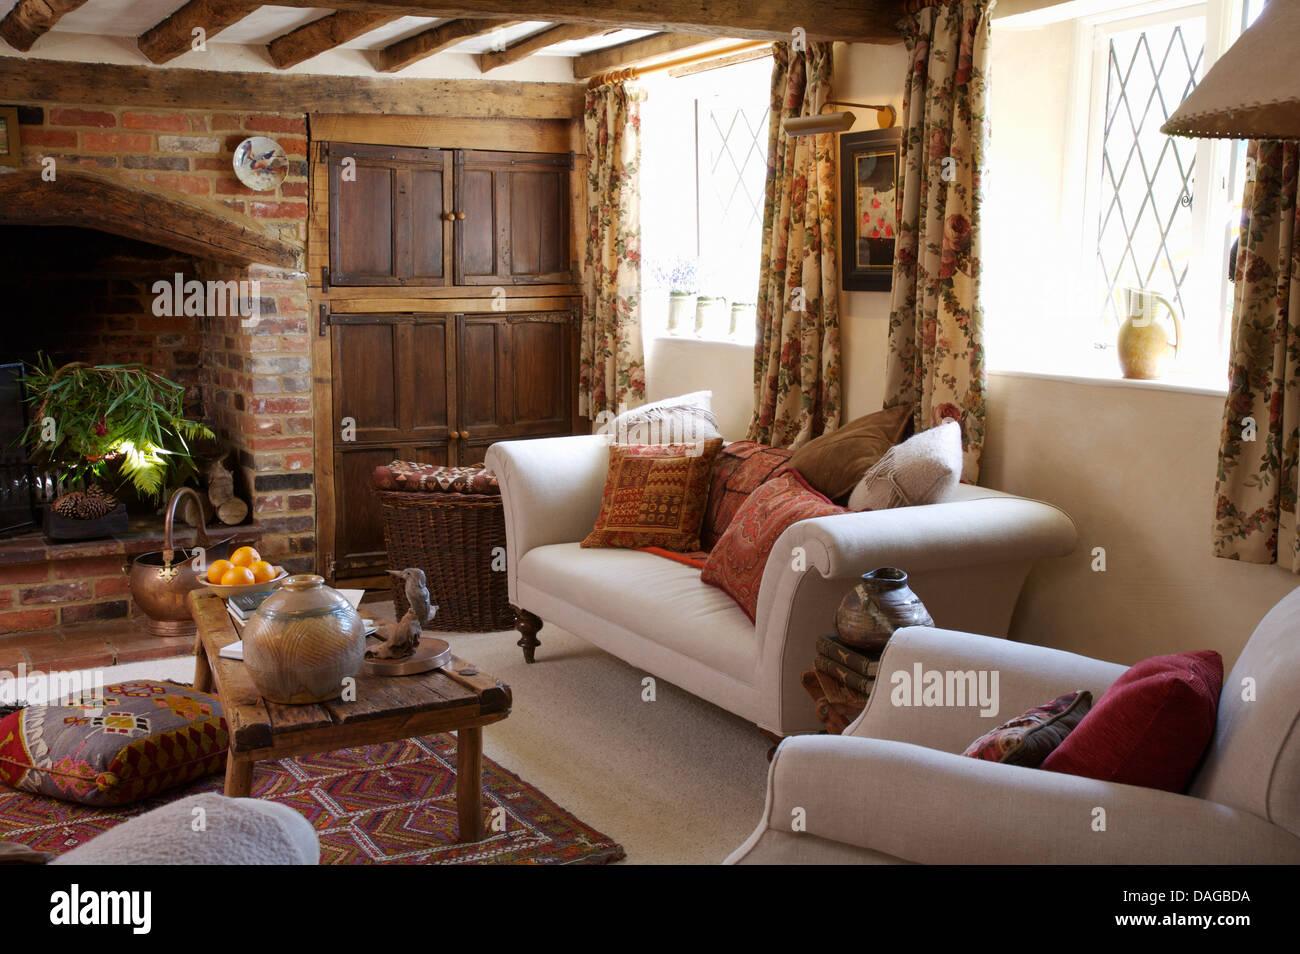 wei e sofas mit kissen und rustikale couchtisch aus holz im haus wohnzimmer mit backstein kamin. Black Bedroom Furniture Sets. Home Design Ideas